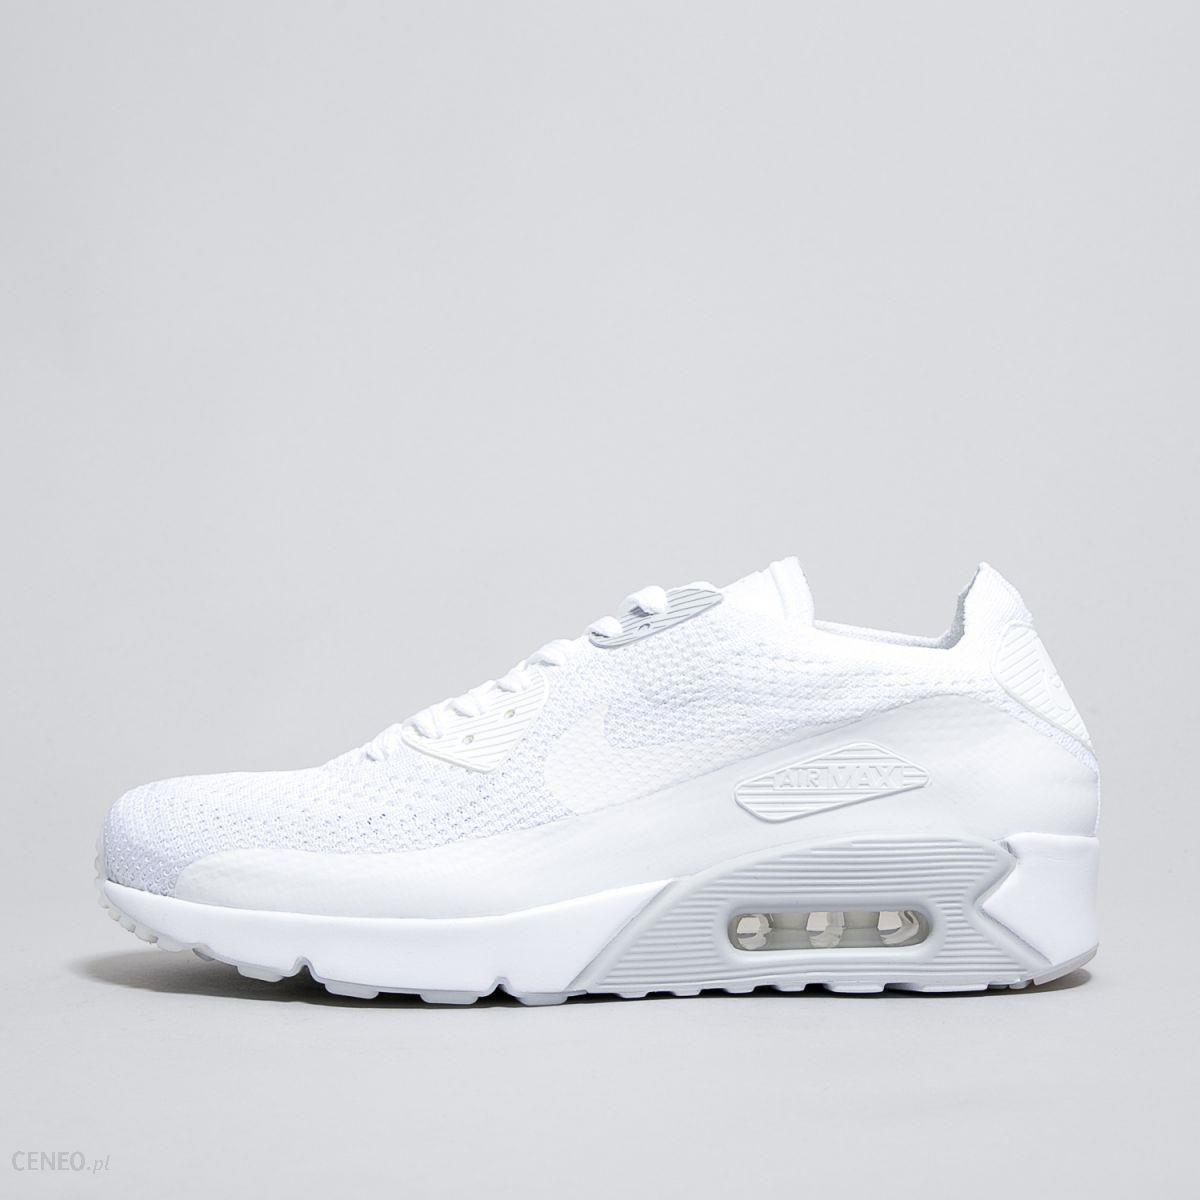 Buty męskie sneakersy Nike Air Max 90 Ultra 2.0 Flyknit 875943 101 BIAŁY Ceny i opinie Ceneo.pl